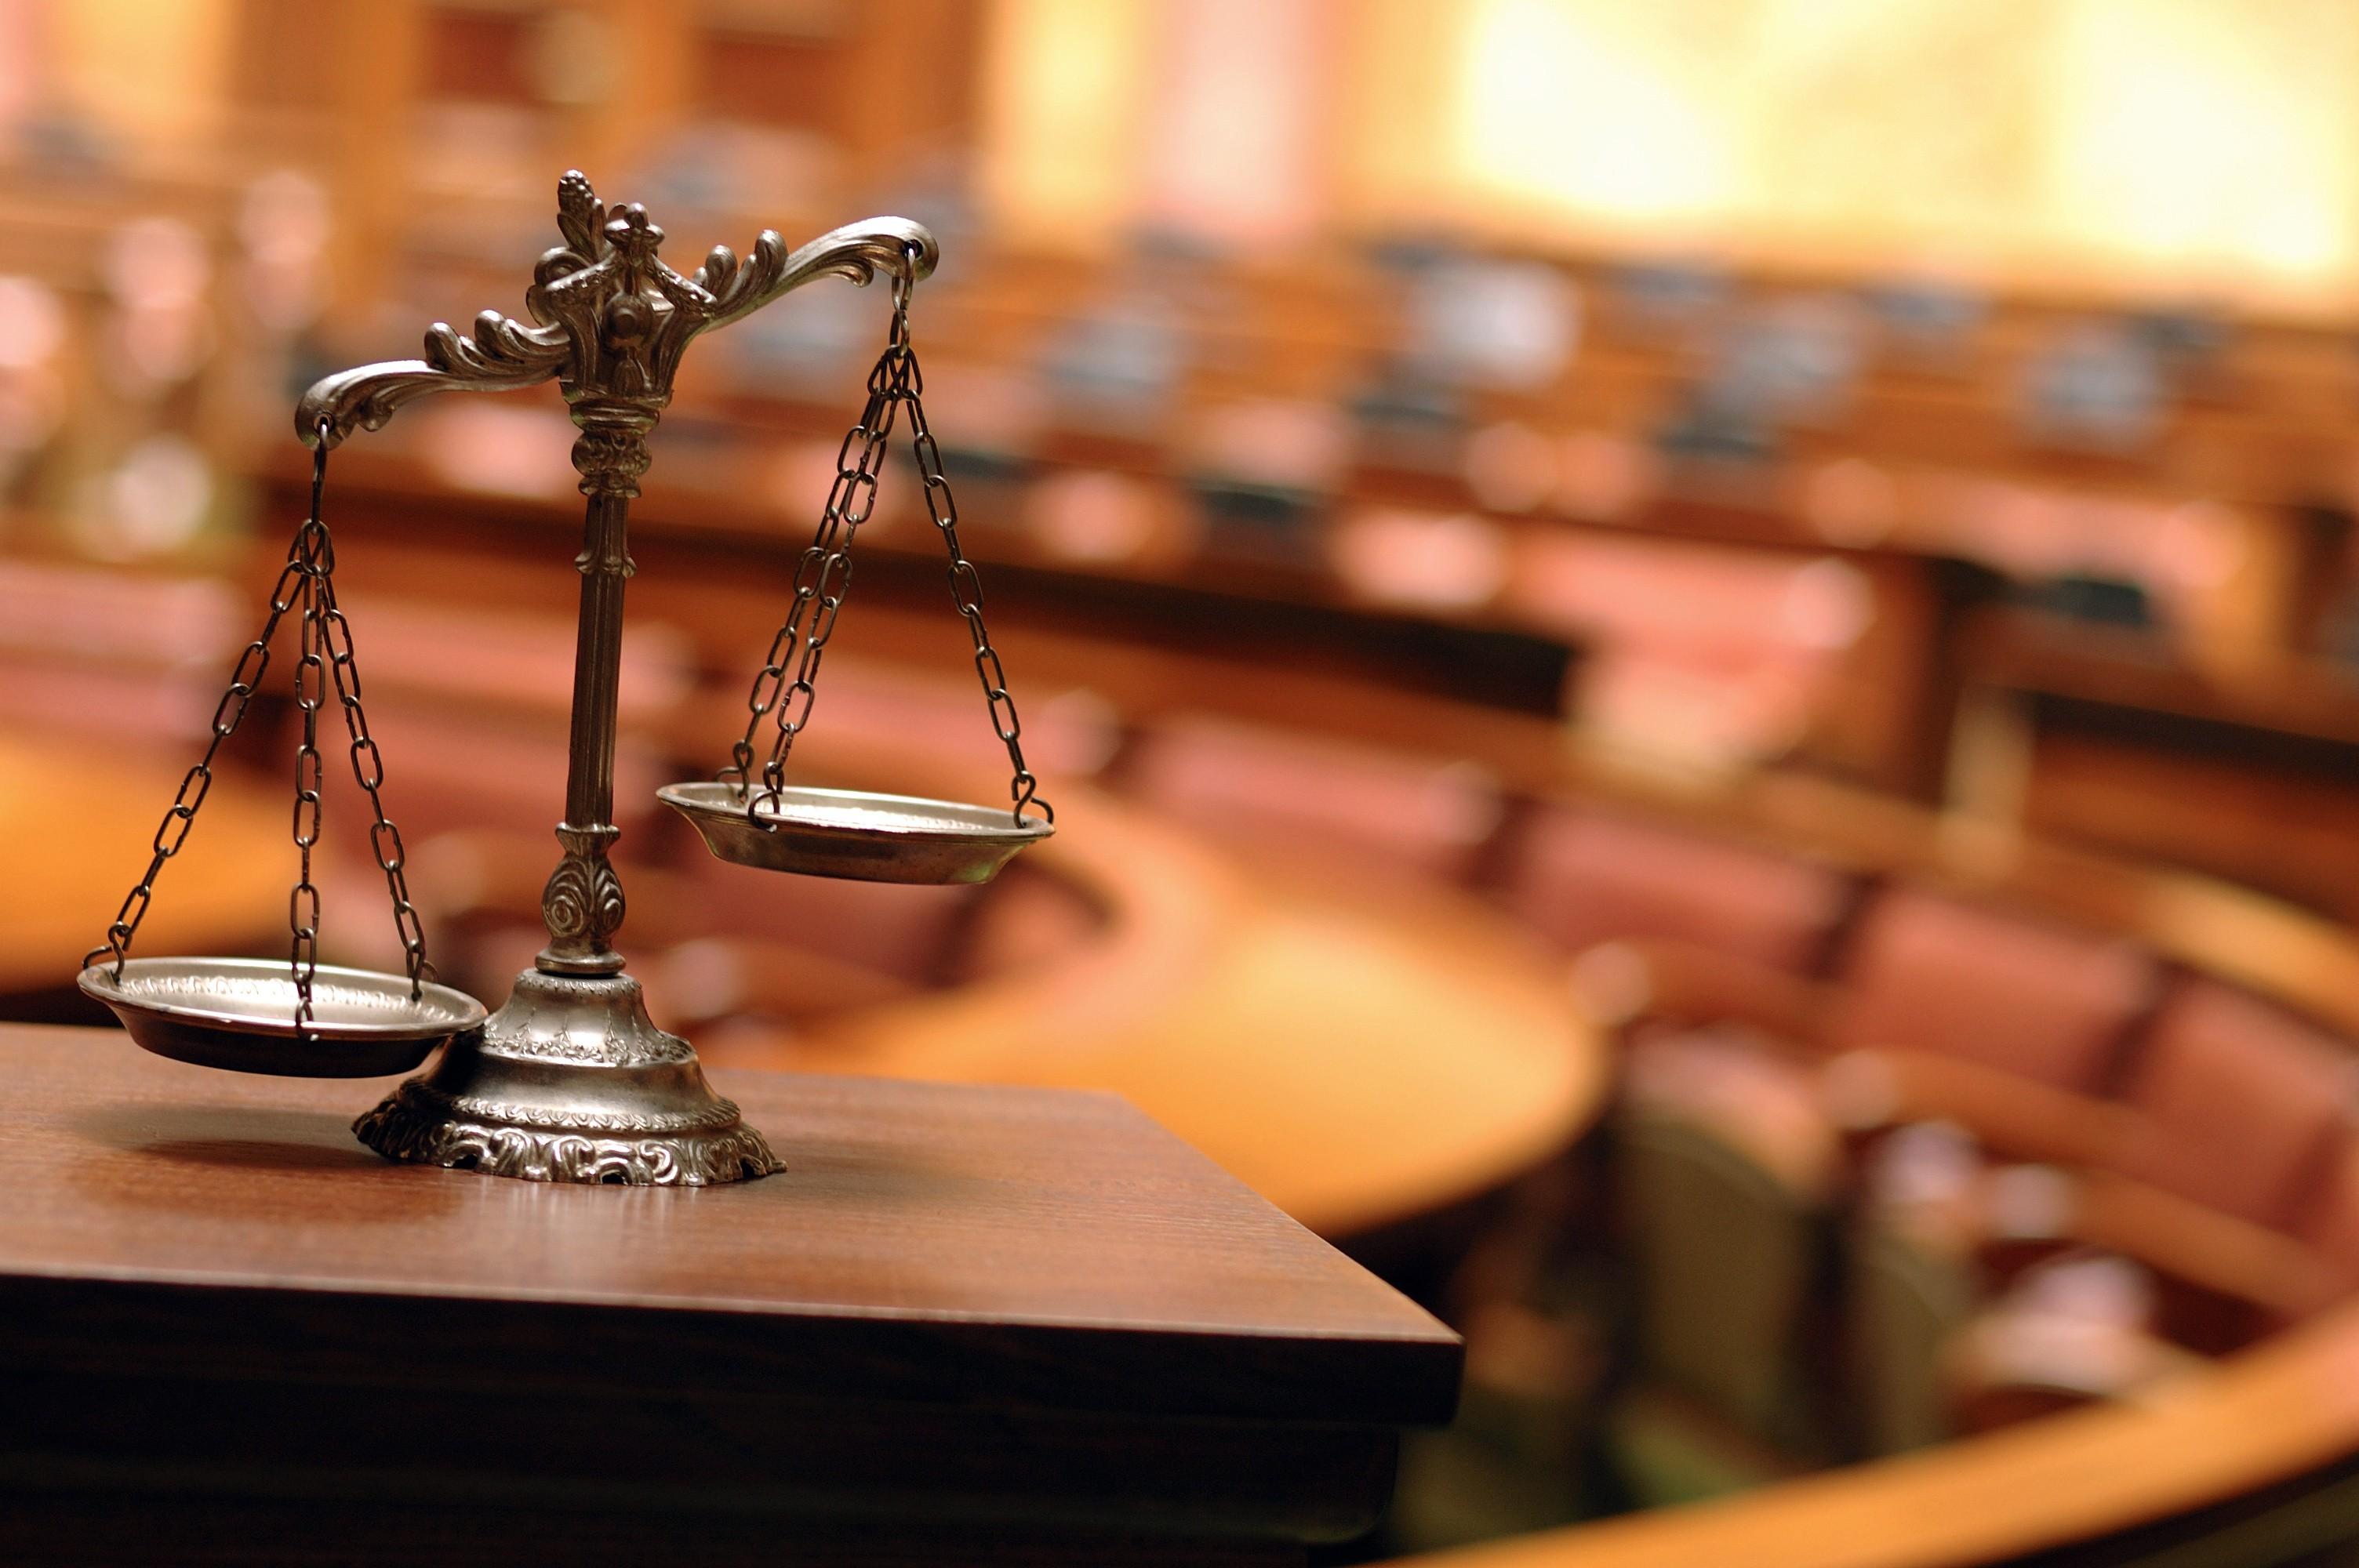 В Крыму задержан адвокат-мошенник